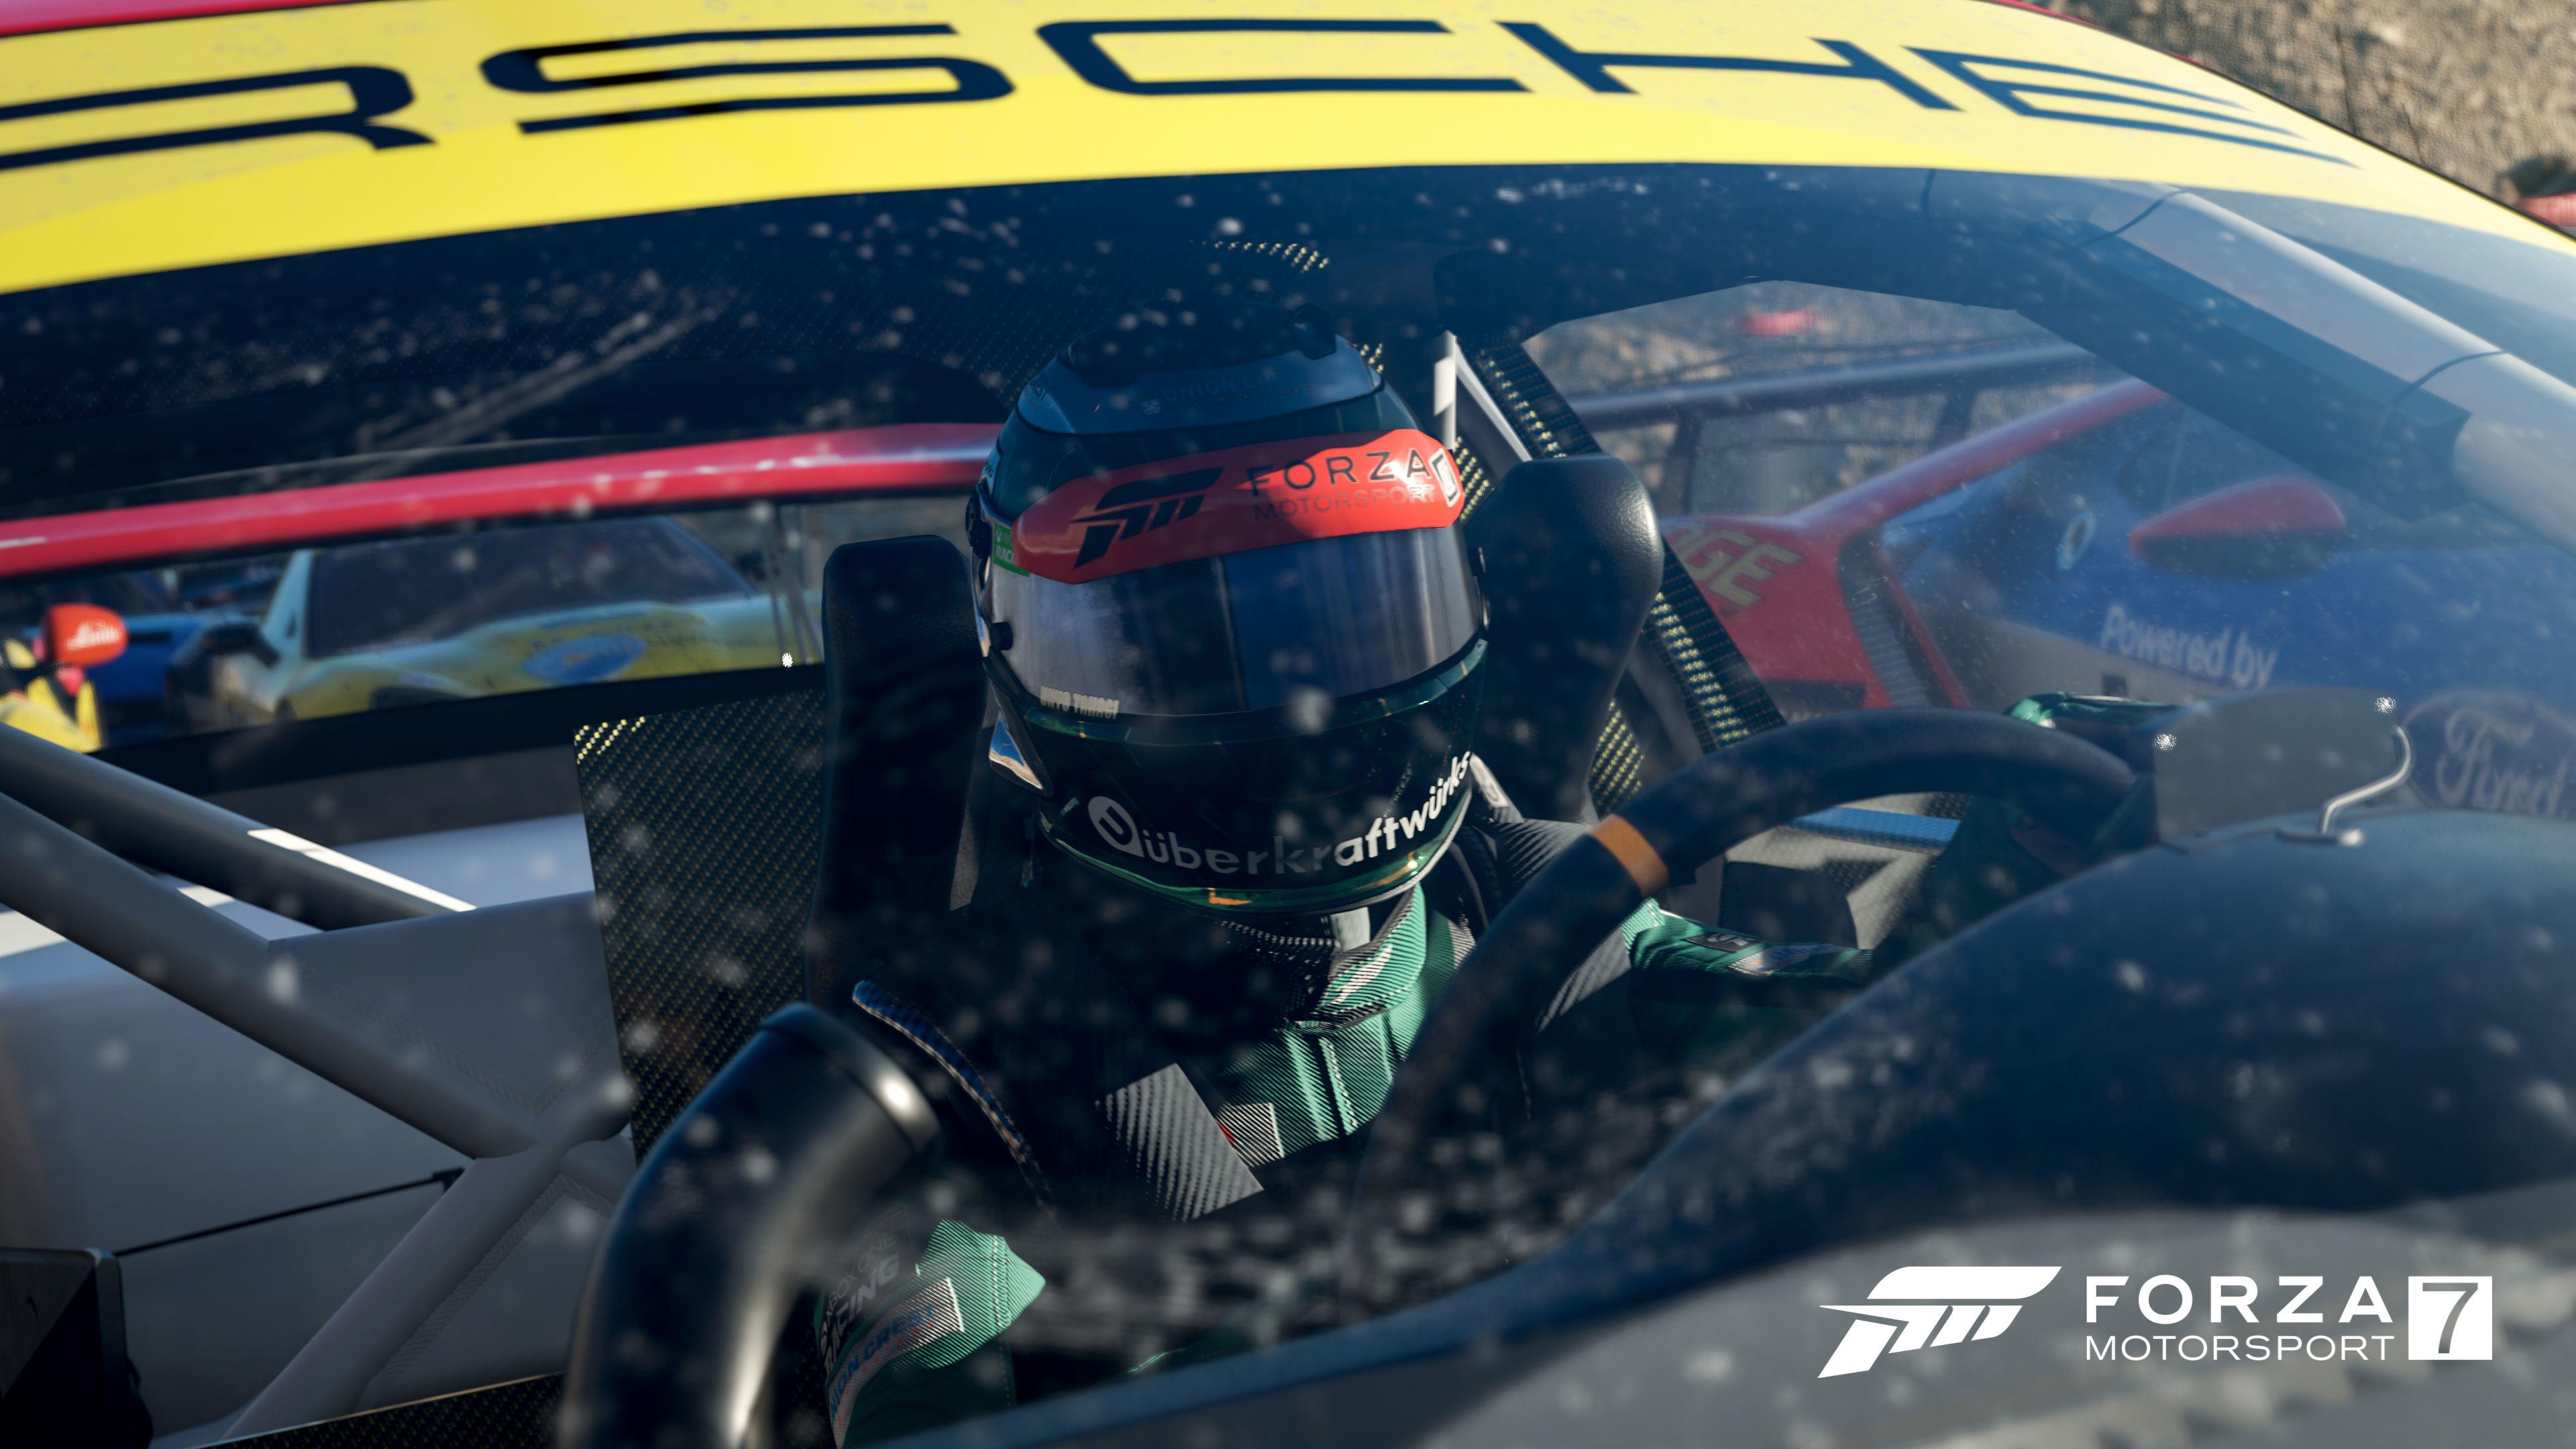 Forza Motorsport 7 - HW nároky, demo a obrázky 148631